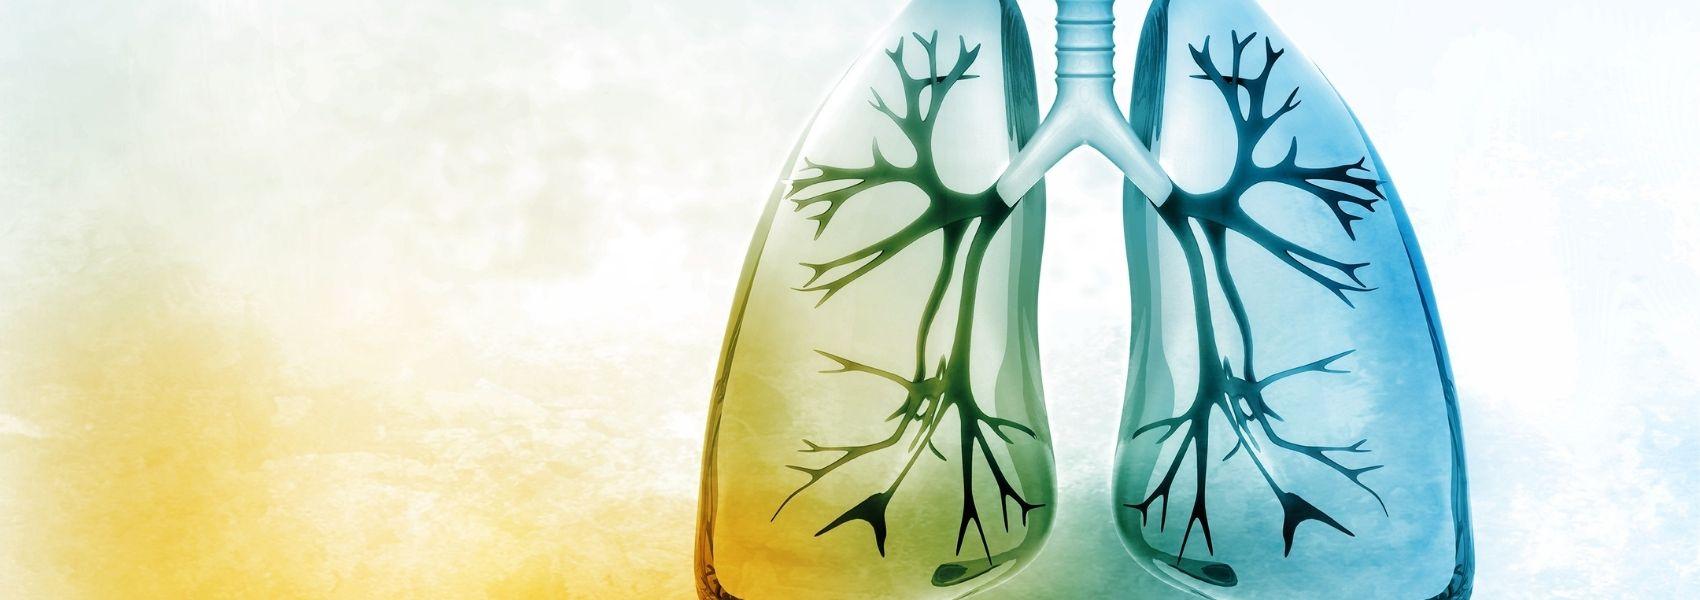 Médicos nacionais chegam a consenso sobre tratamento da asma grave